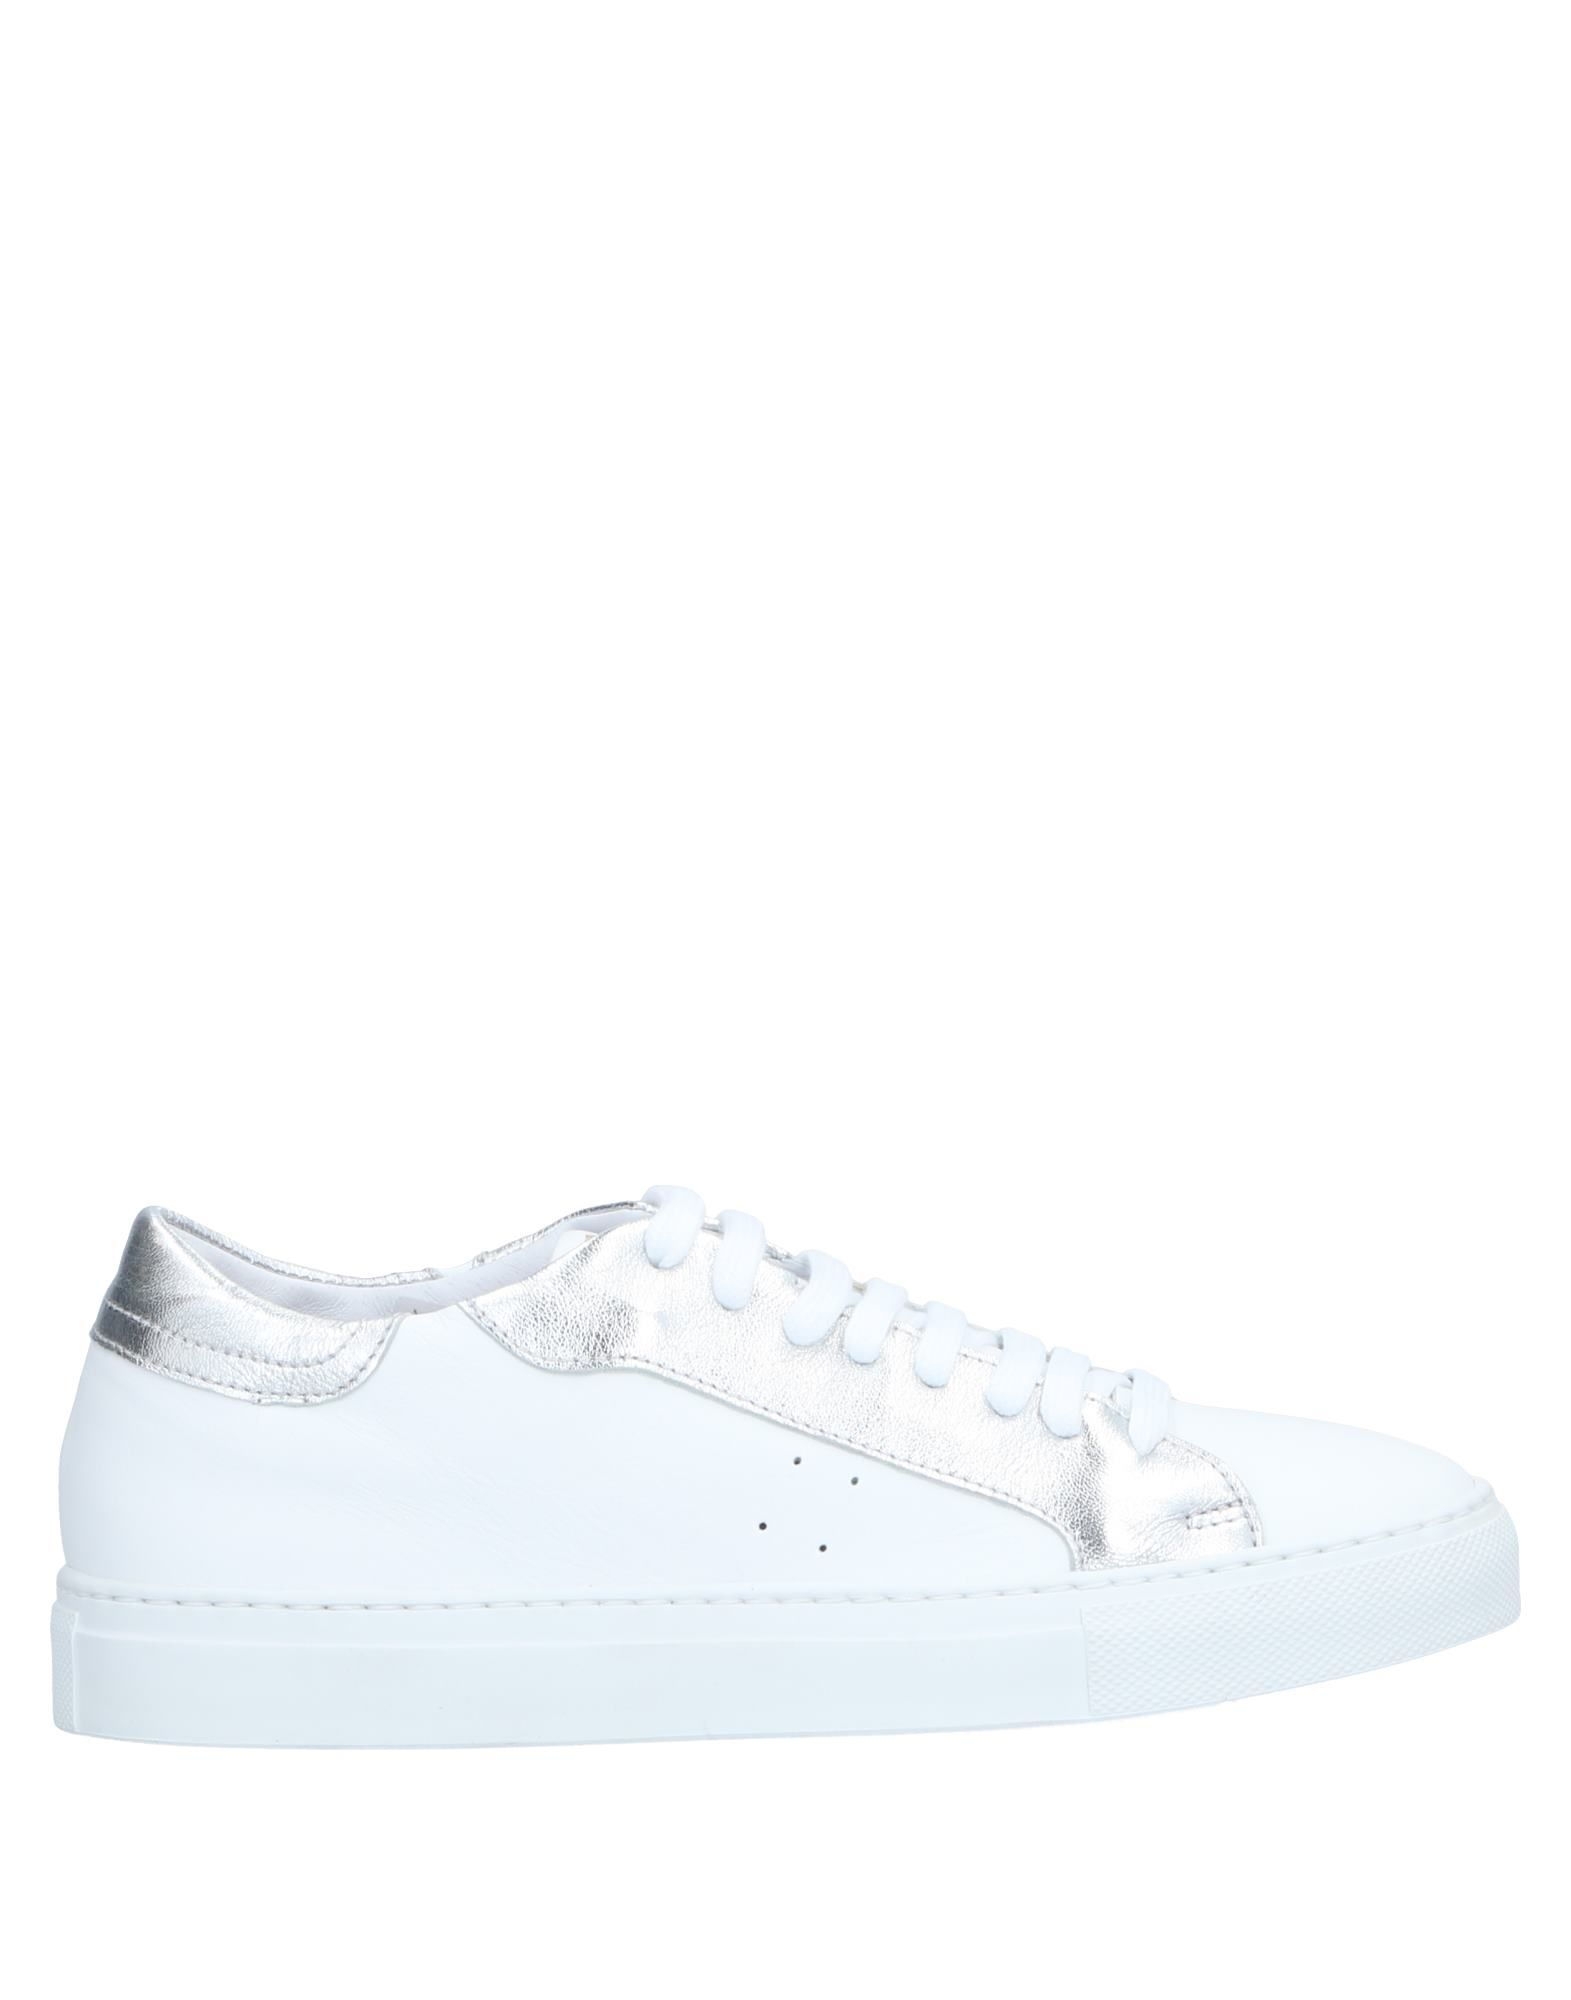 Gut um billige Schuhe zu  tragenPatrizia Pepe Sneakers Damen  zu 11544618MN 84adcd